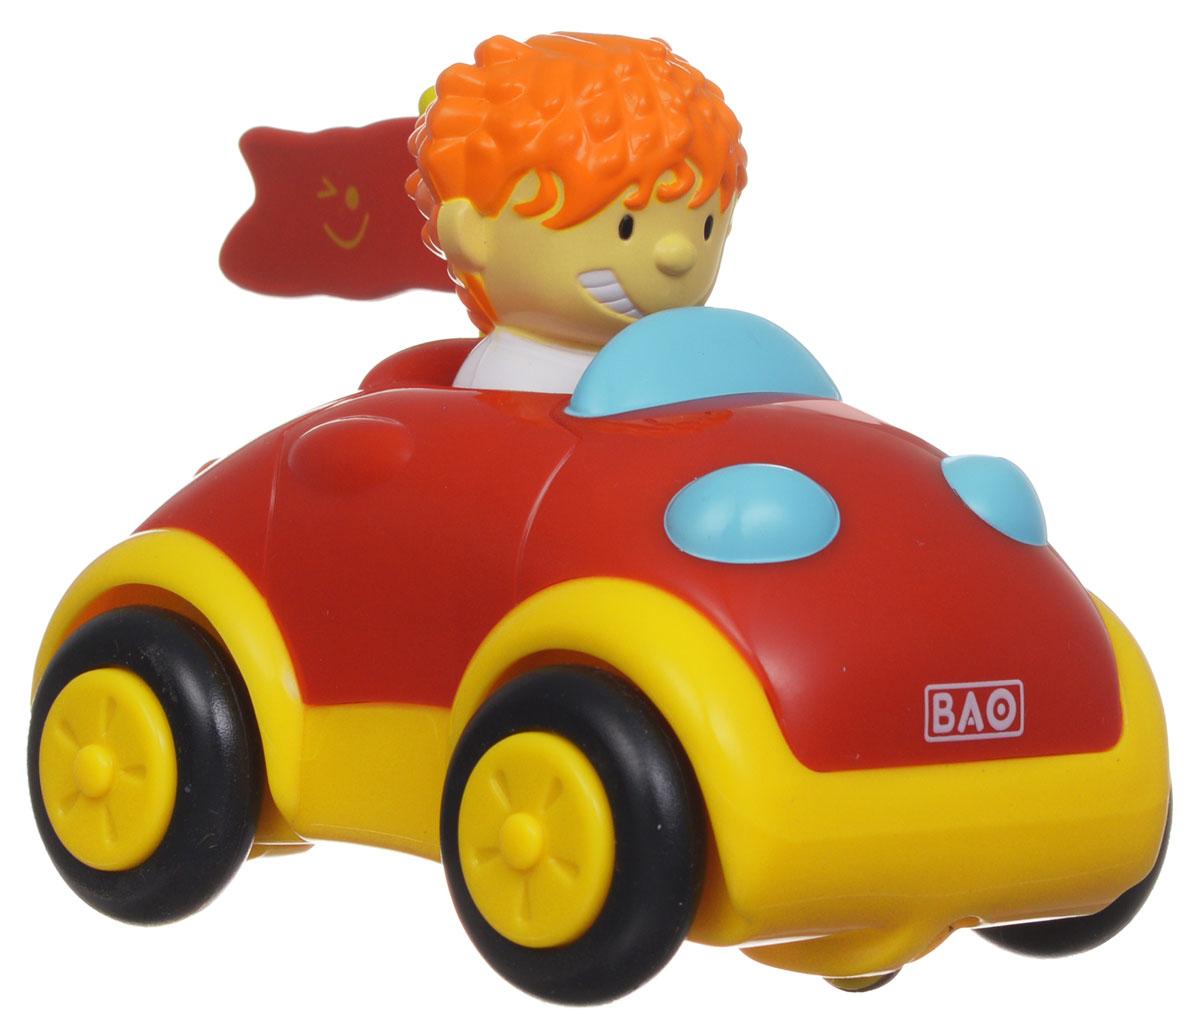 Smoby Машинка на радиоуправлении Park & Drive8302Машинка на радиоуправлении Smoby Park & Drive - это прекрасный игровой набор в виде своеобразного руля-гаража с машинкой и водителем. Набор доставит крохе массу положительных эмоций. Игровой комплект Smoby состоит из гаража желтого цвета, на котором располагается игровая управляющая панель с разноцветными кнопками и синий руль, а также красочной радиоуправляемой машинки с водителем. Игрушка снабжена звуковыми эффектами: если ребенок поворачивает ключ зажигания, то он слышит звук мотора; когда жмет на клаксон, располагающийся на руле - машинка сигналит; нажимает на красную кнопку - с помощью звука создается иллюзия проносящейся мимо машины; на желтую кнопку - слышит, как машинка тормозит, а при нажатии на зеленую кнопку раздается звук заводящейся машинки. Режим движения машинки: вперед, направо, налево. Для того, чтобы начать игру, остается лишь включить на машинке и руле позицию On. Машинкой можно управлять на достаточно дальнем расстоянии - 26 шагов. Во время игры с...